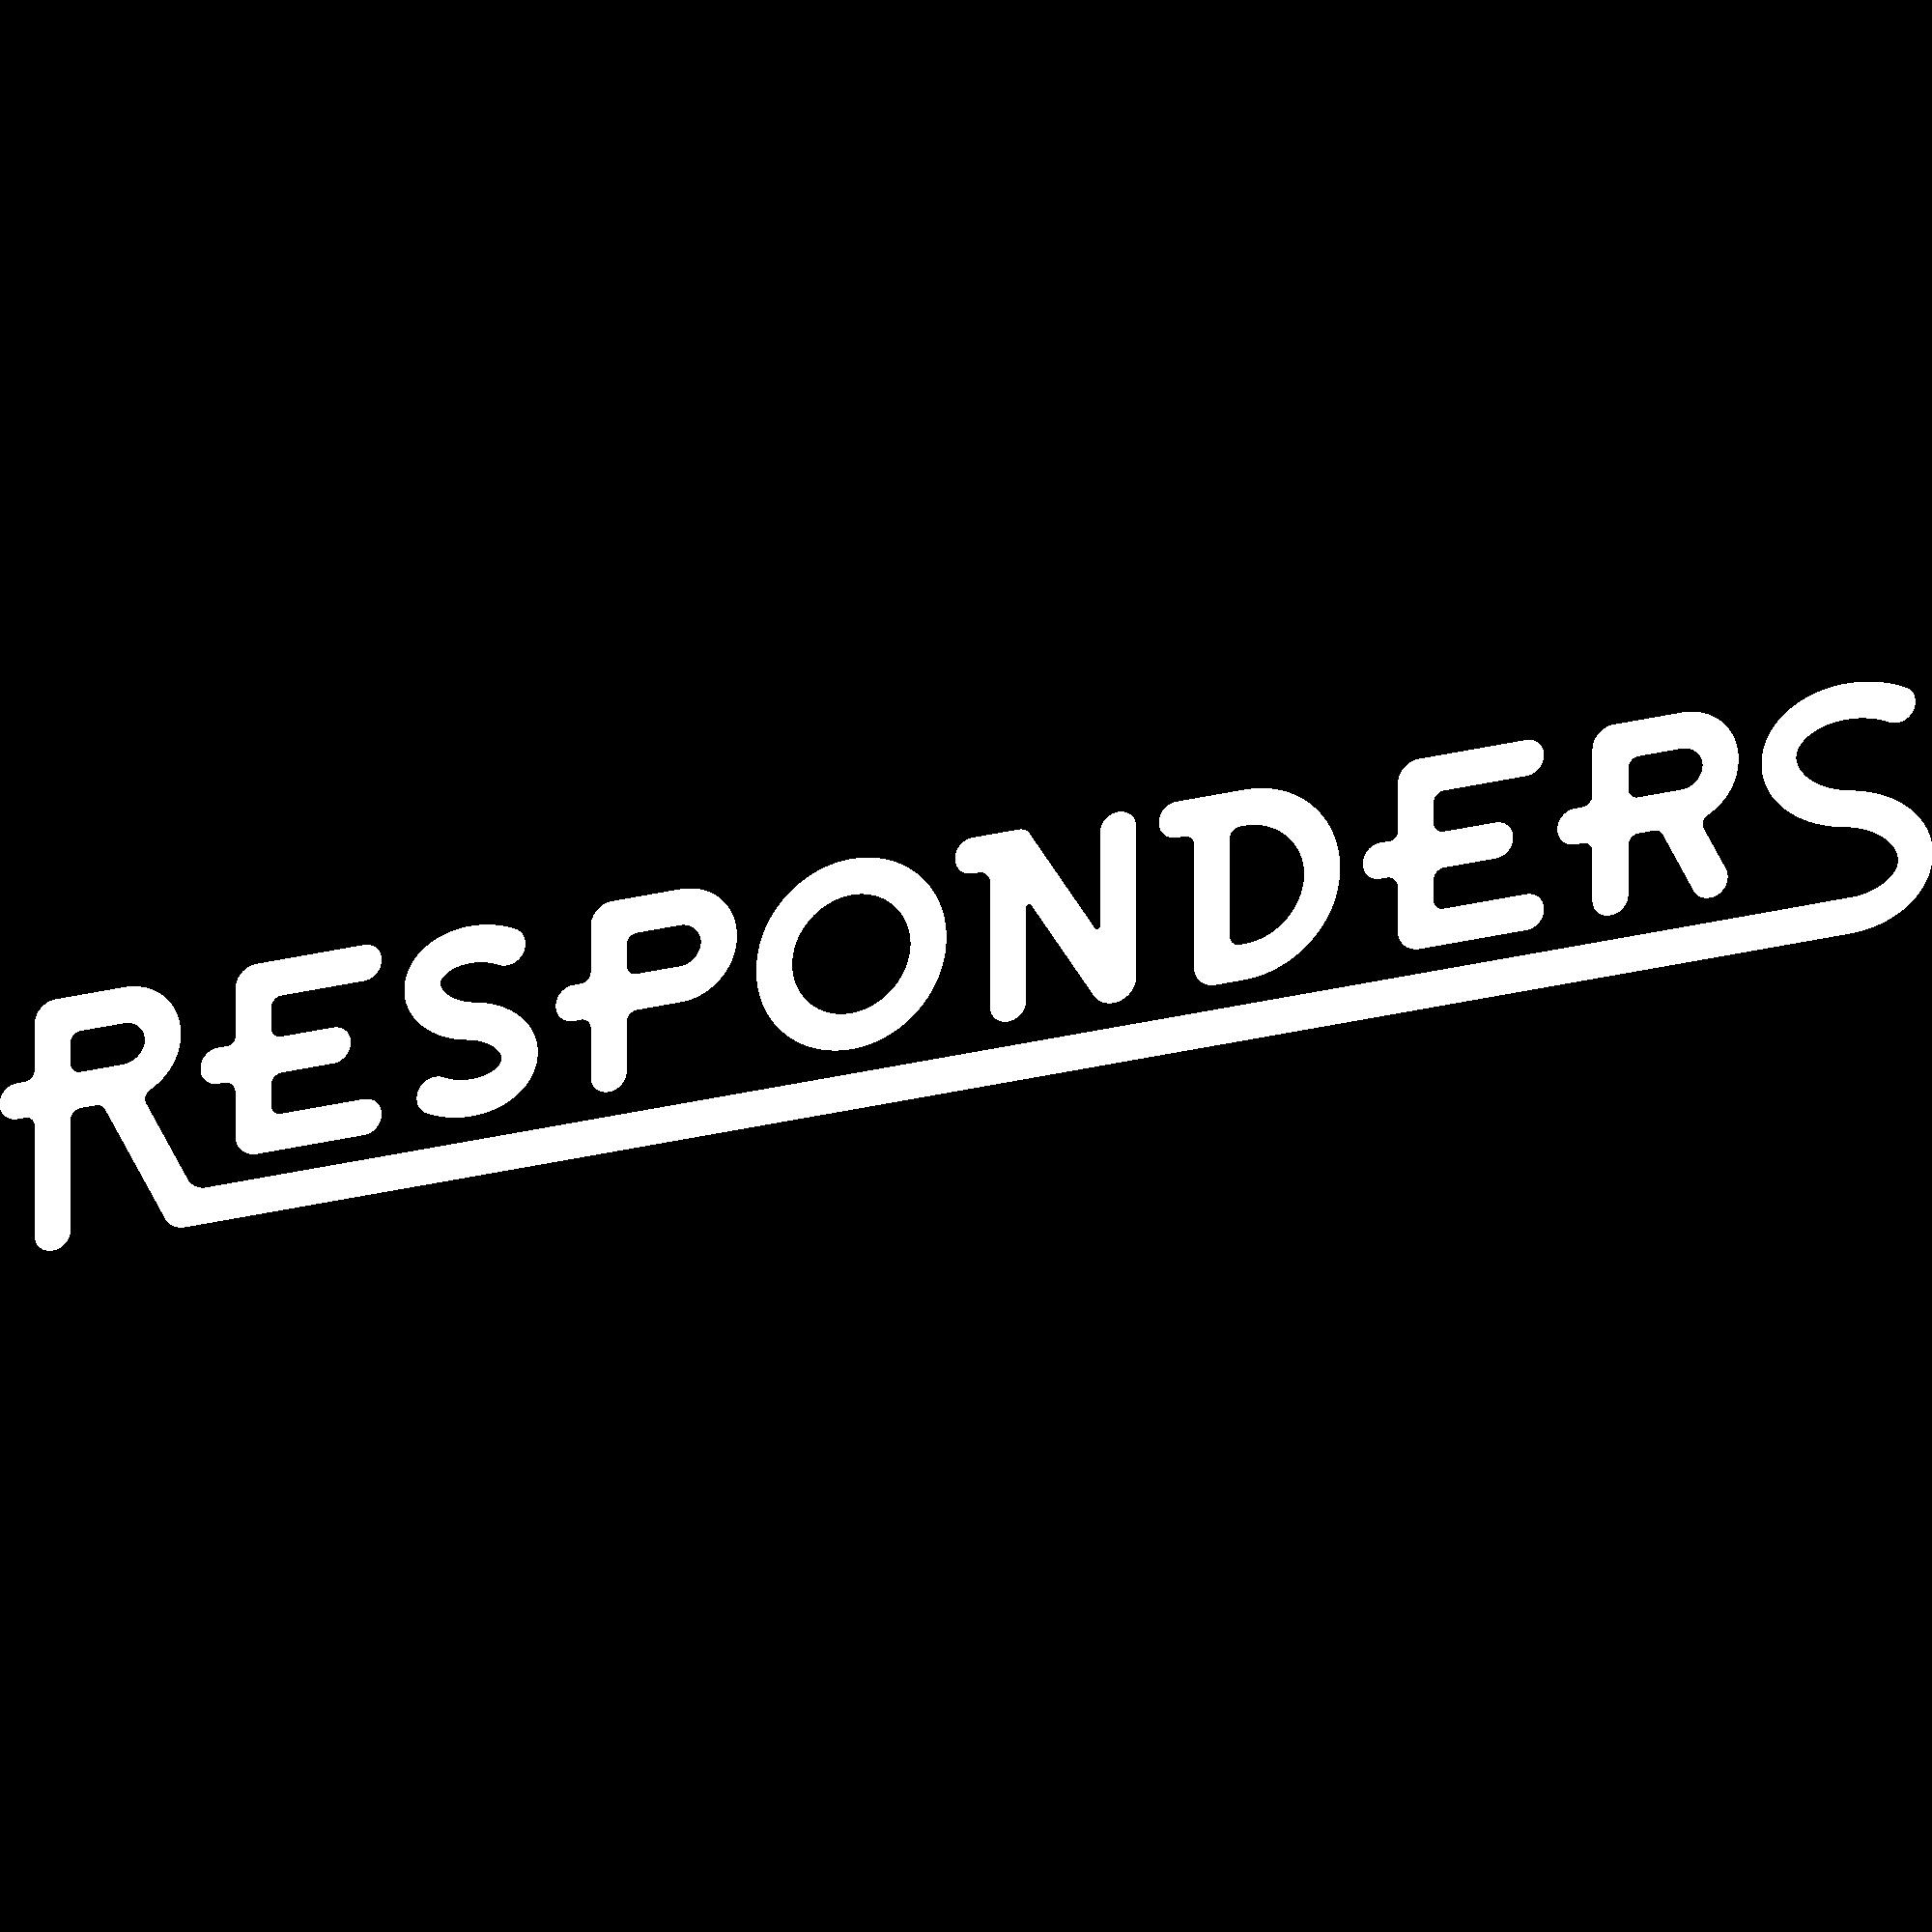 Responders Logotype